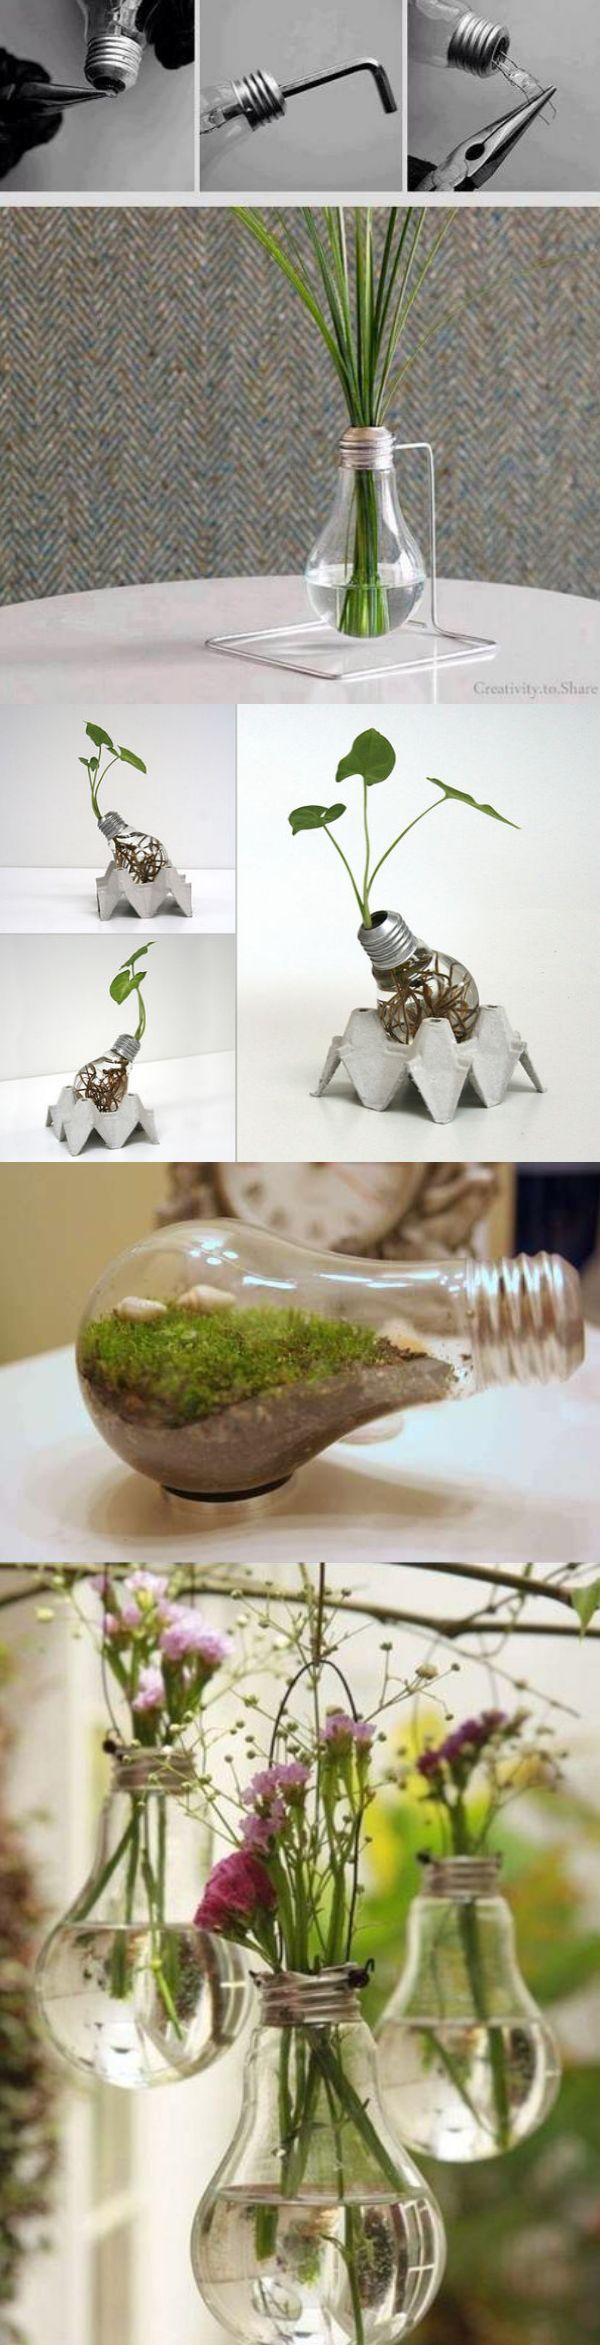 Mini-macetas hechas con bombillas recicladas: http://www.labioguia.com/macetas-con-focos-bombimacetas/